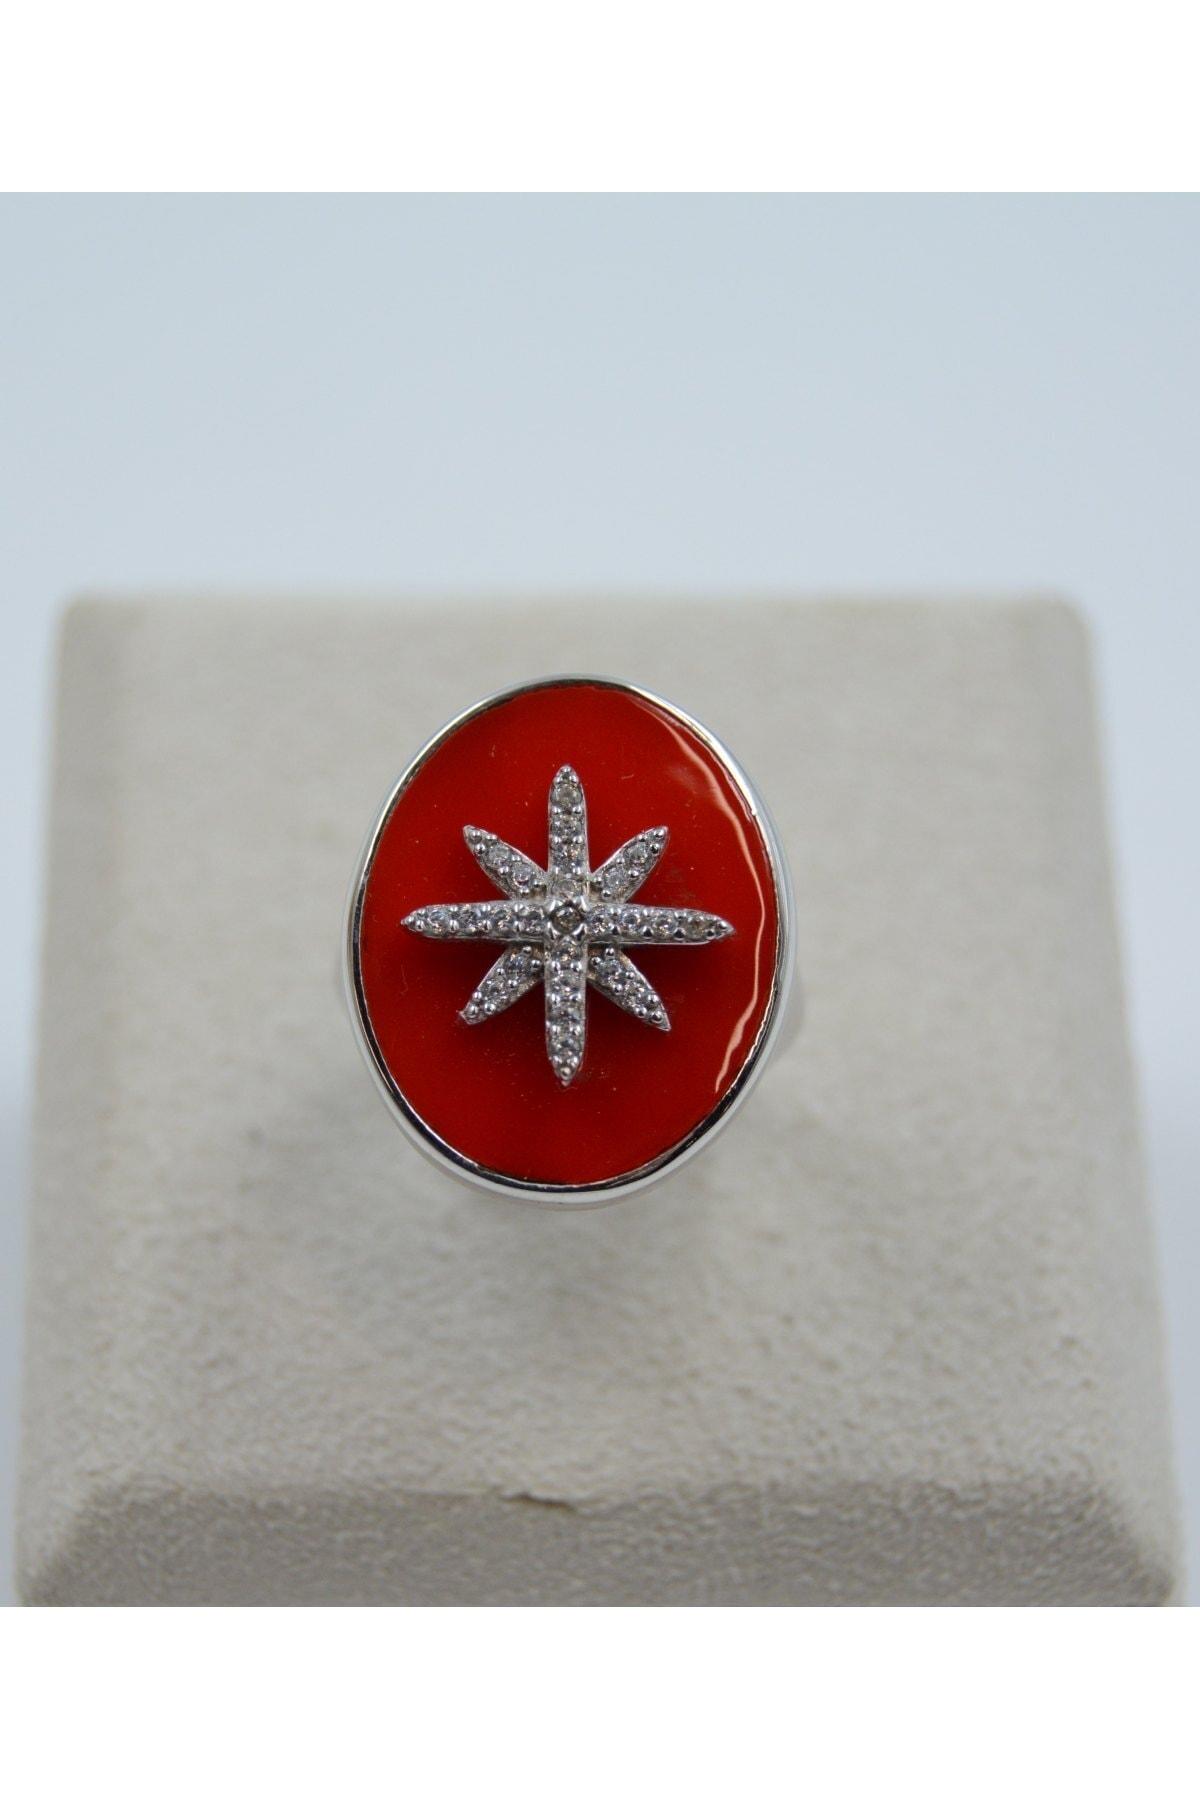 Swarovski Kutup Yıldızı Desenli Zirkon Taşlı 925 Ayar Gümüş Kadın Yüzük 1